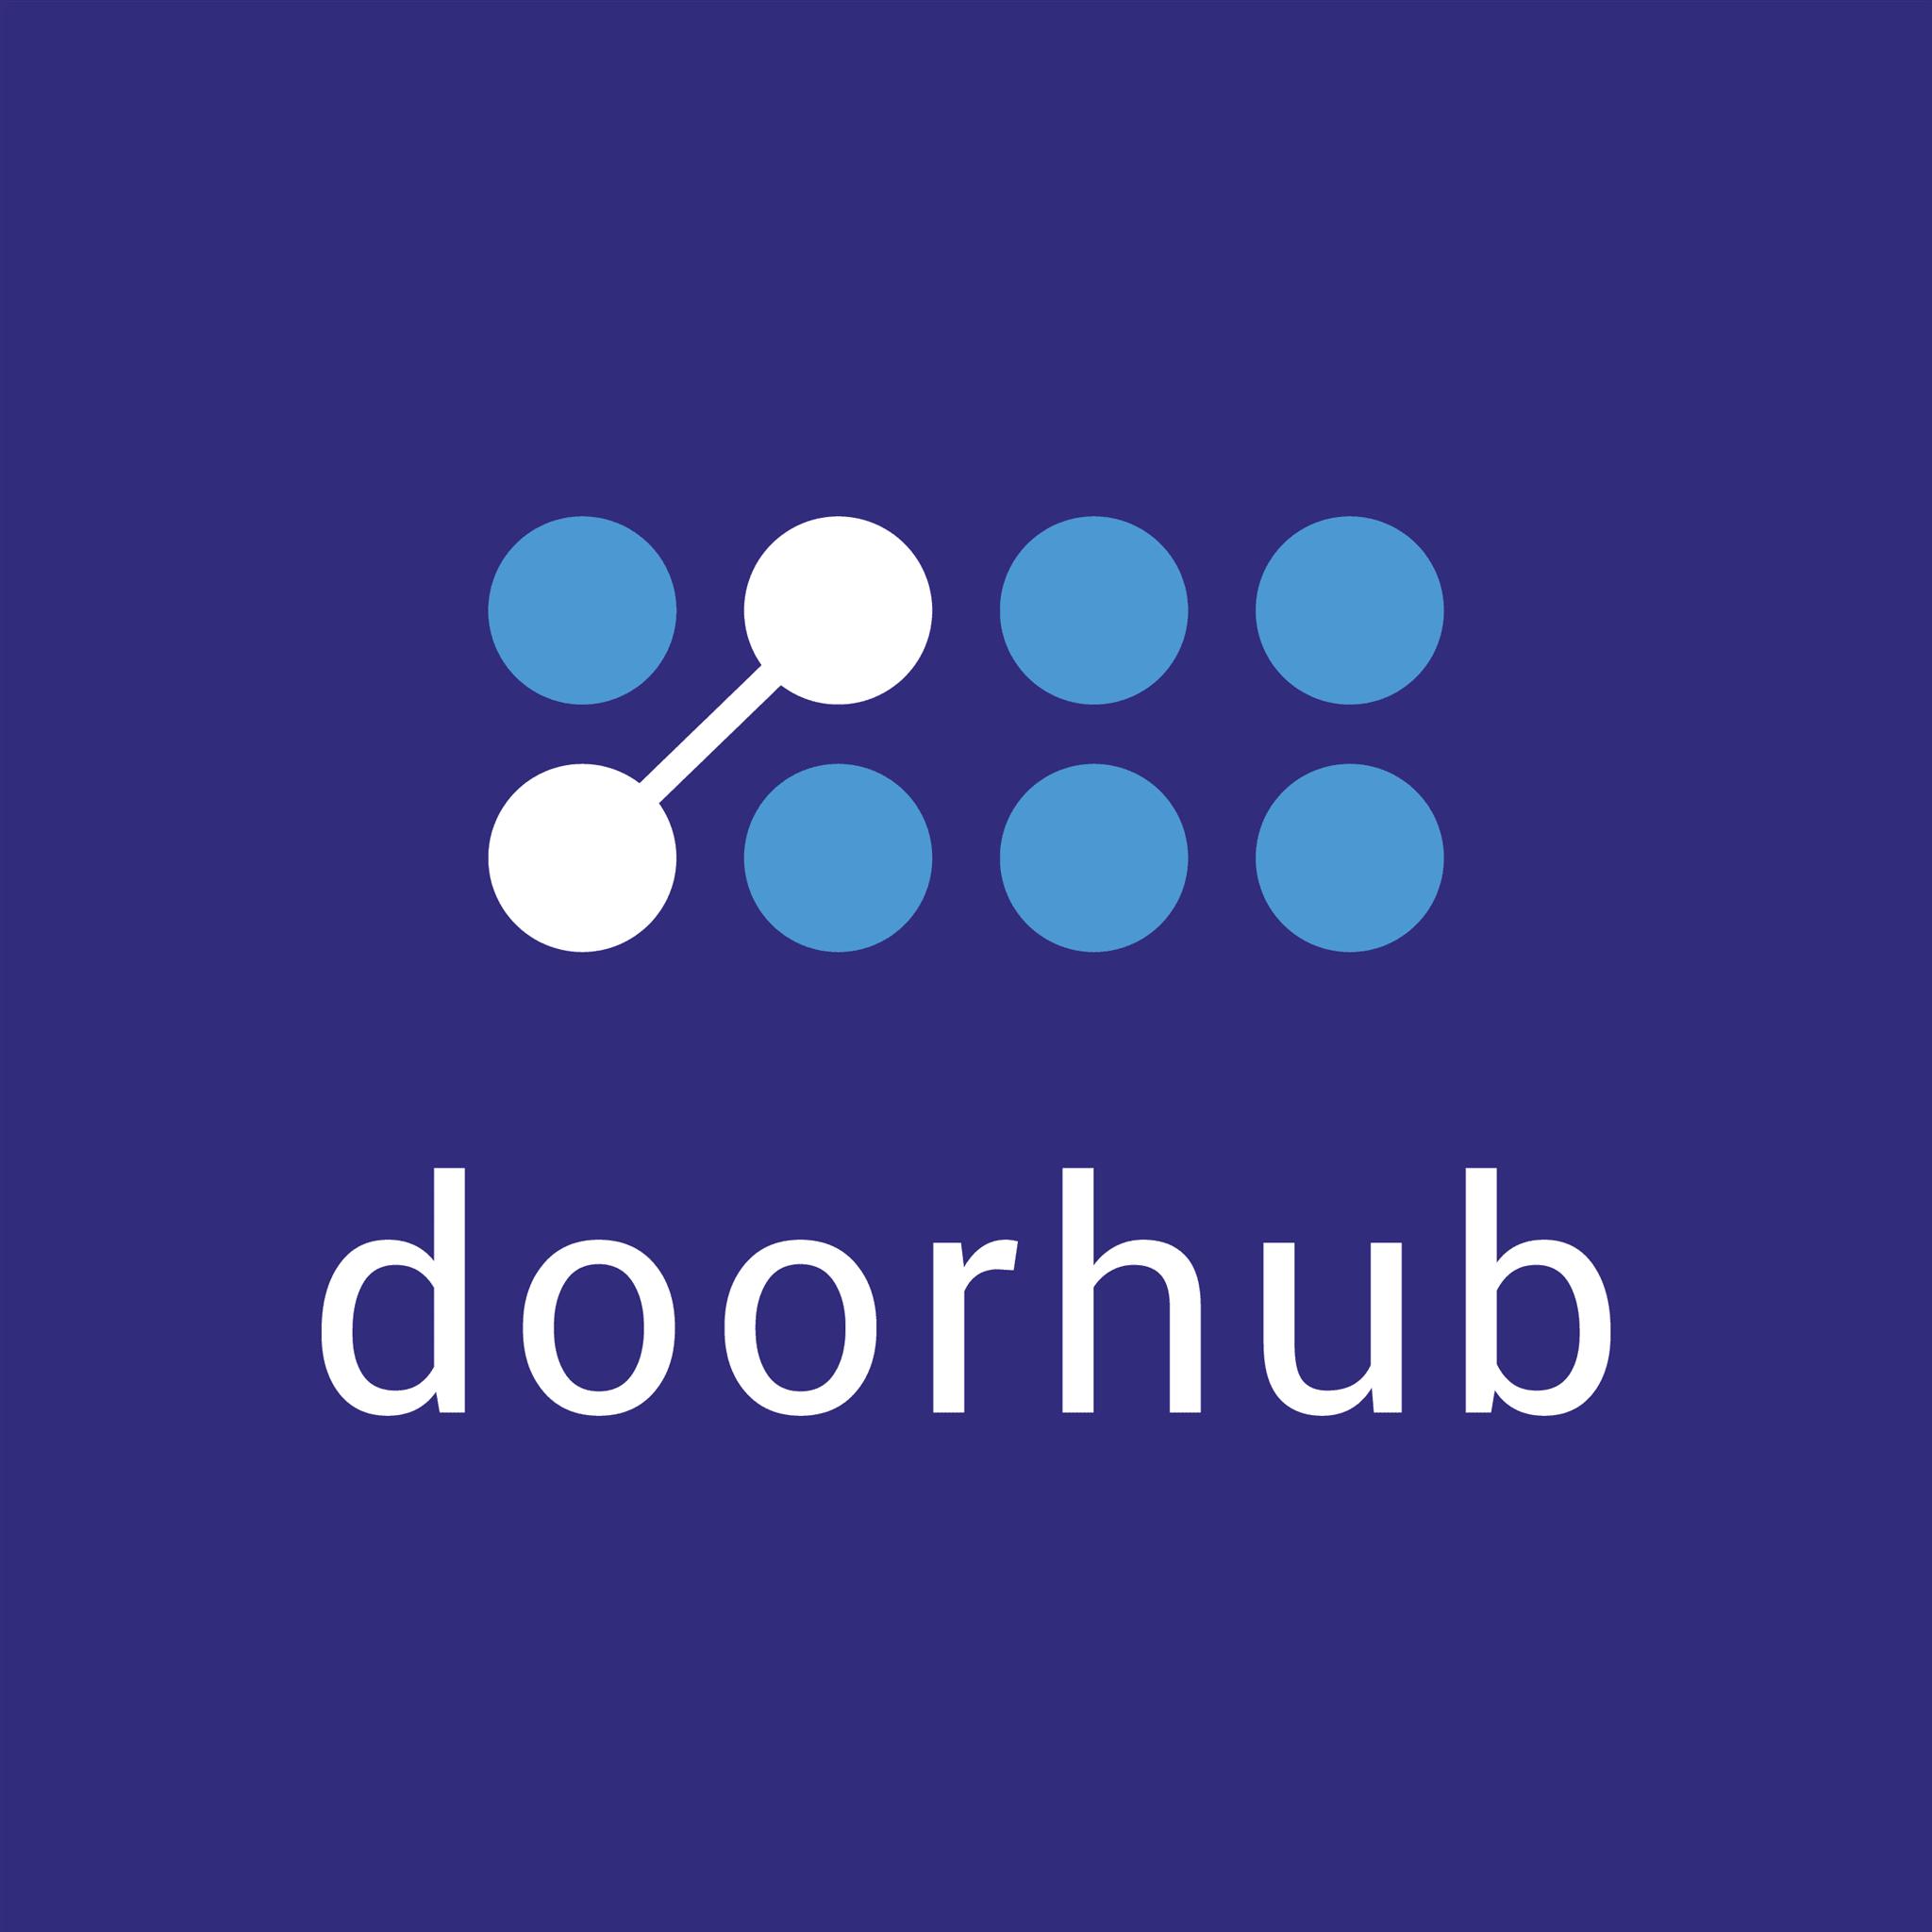 Doorhub